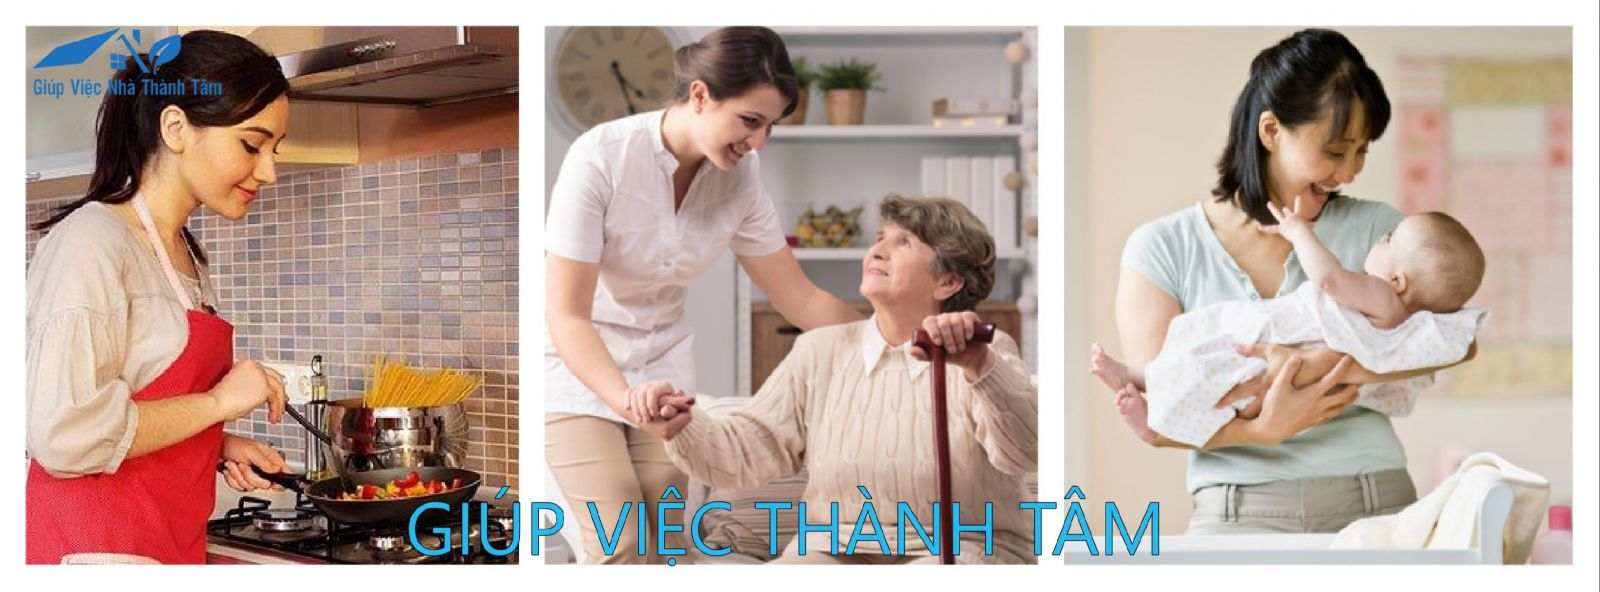 Giúp việc giữ trẻ, chăm sóc người già, người bệnh tại quận 5